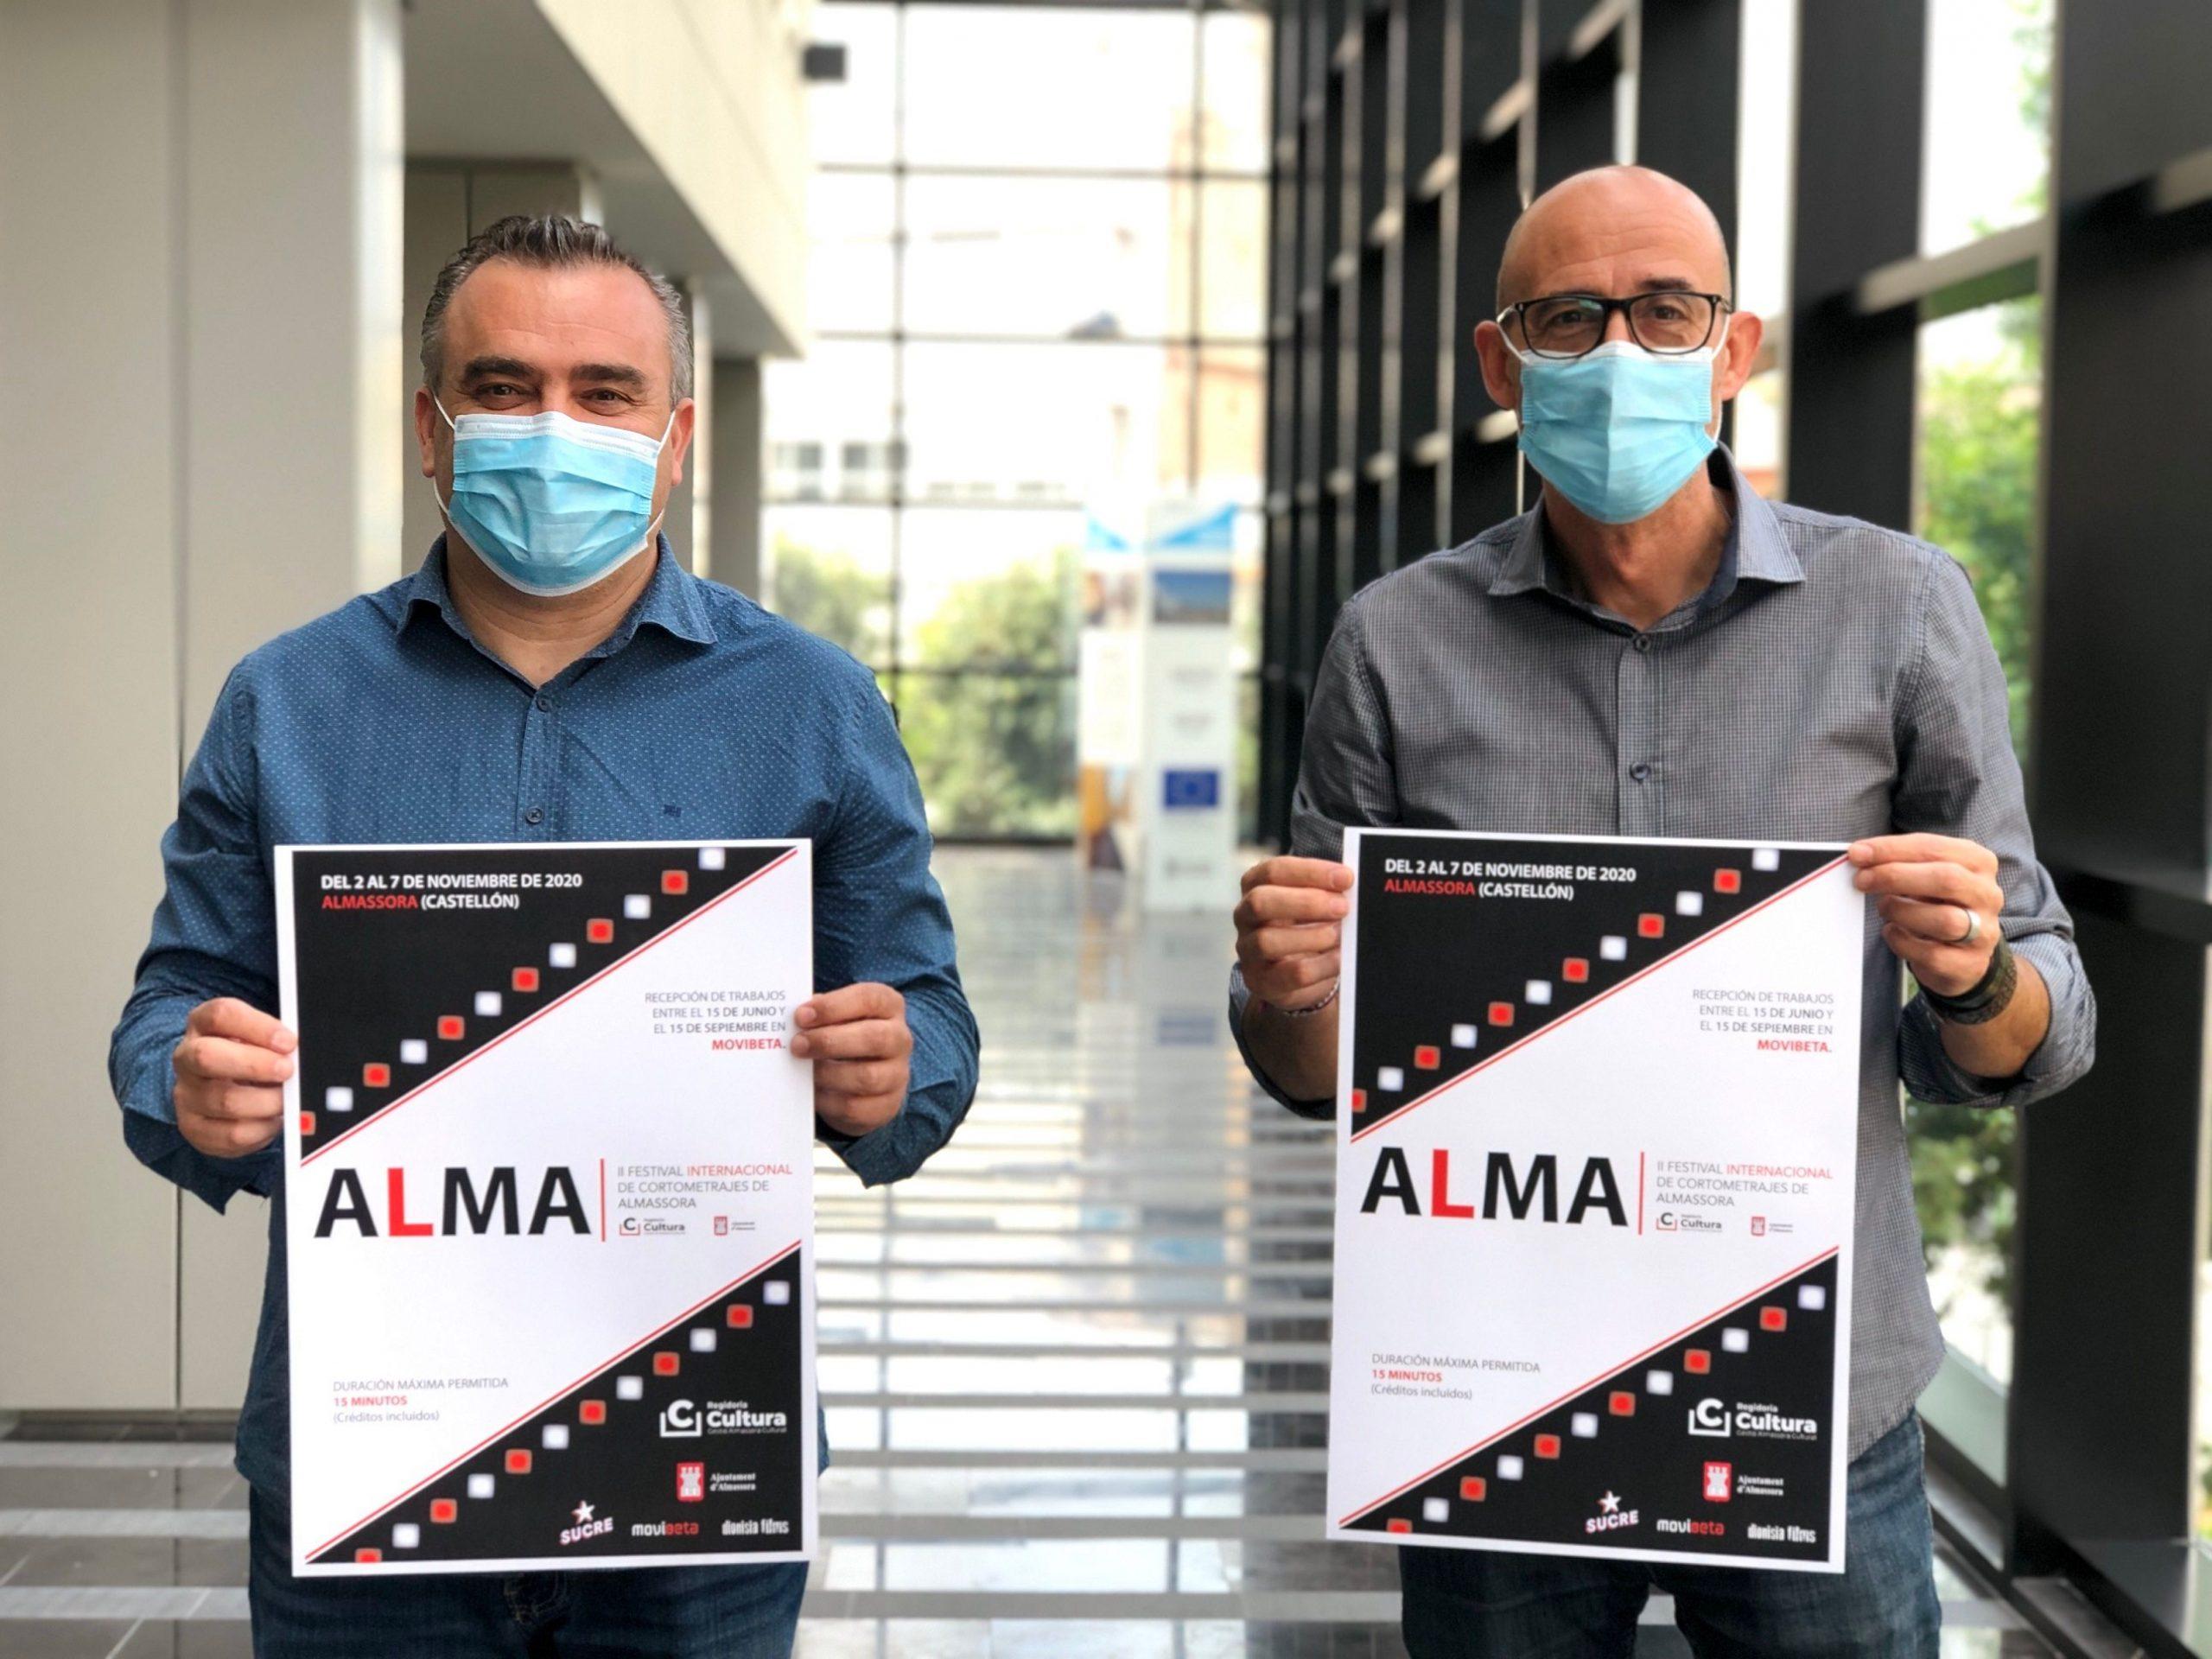 El Festival de Cortometrajes de Almassora resiste la crisis del cine con más de 400 obras